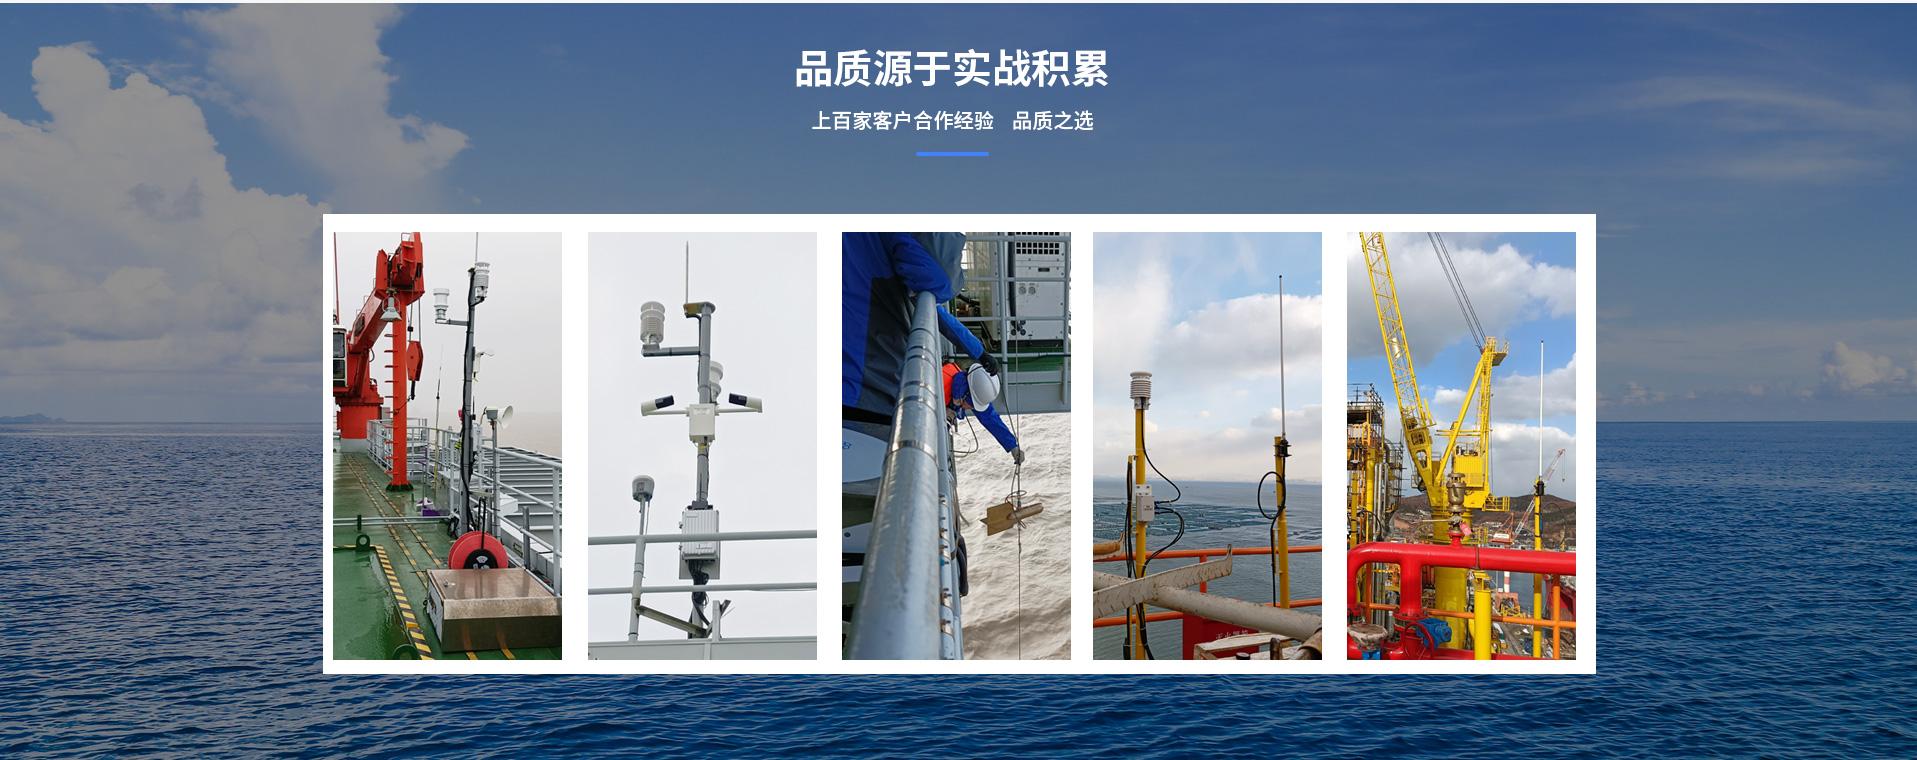 海洋气象站